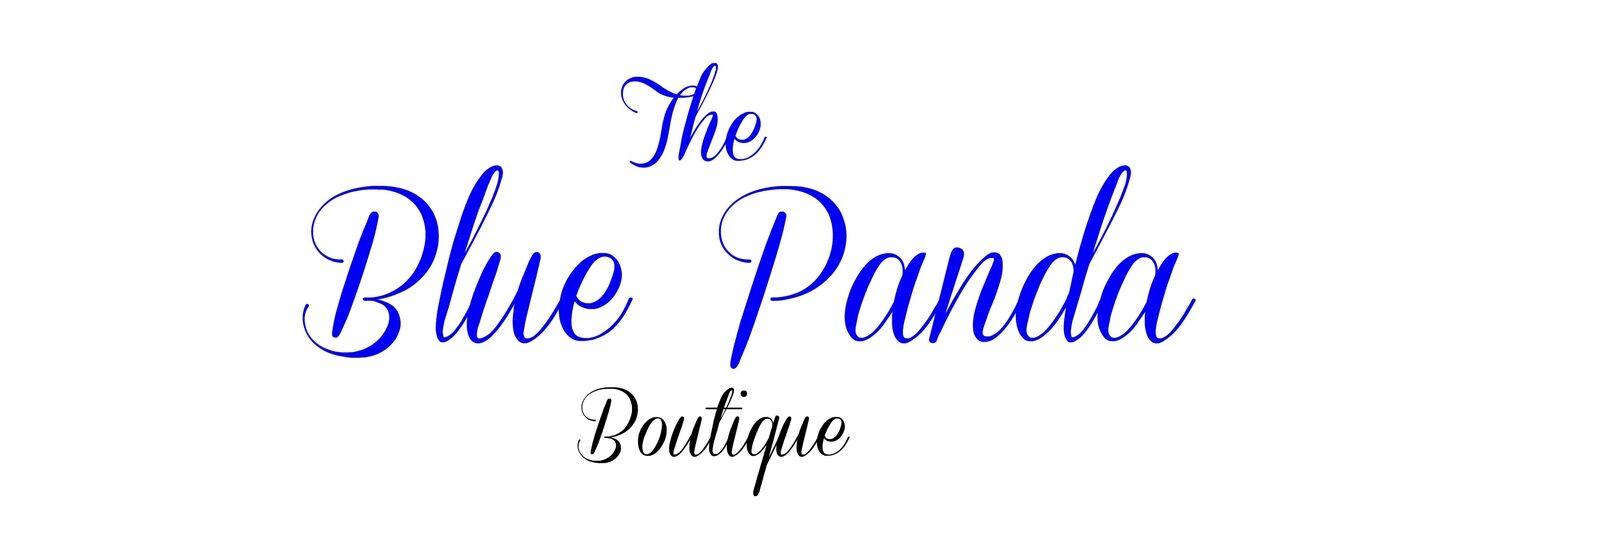 Blue Panda Boutique